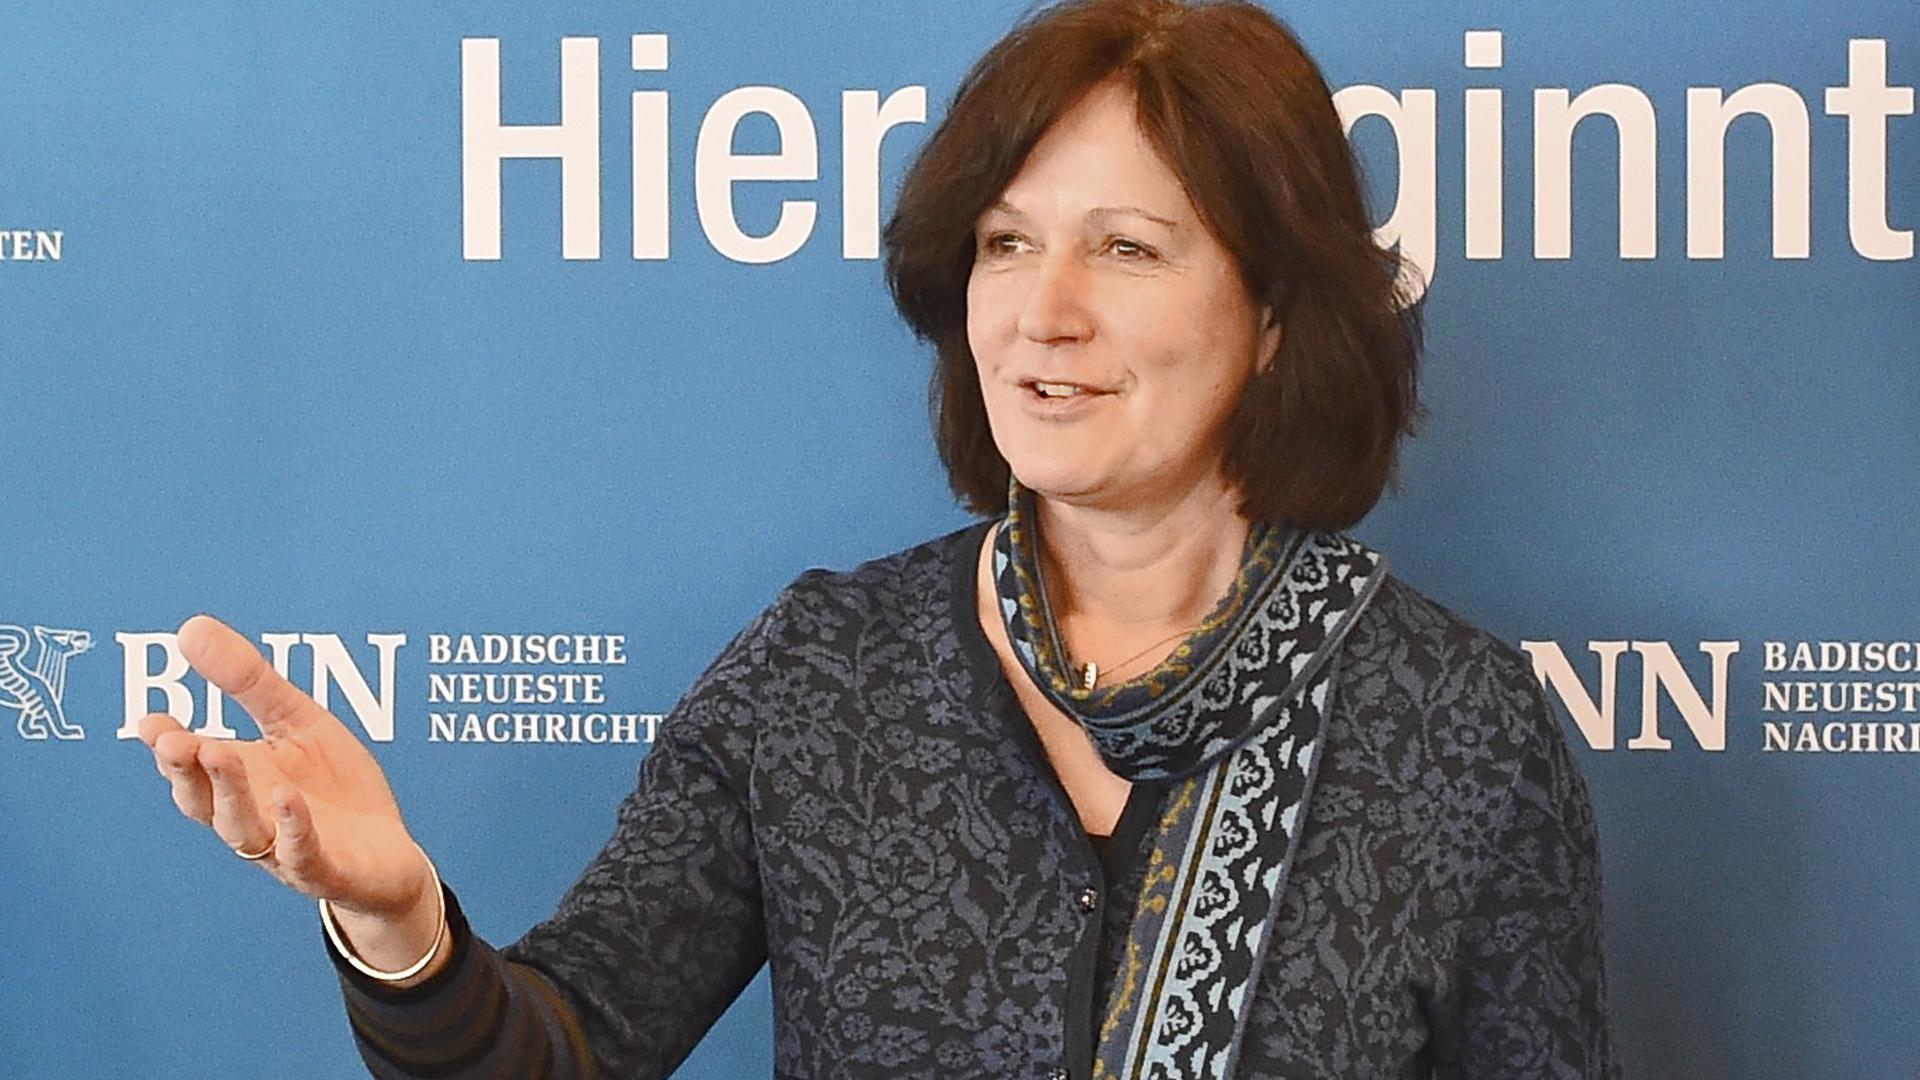 Nach einem Motorradunfall konnte Baden-Badens Oberbürgermeisterin Margret Mergen die Klinik in Freiburg wieder verlassen.